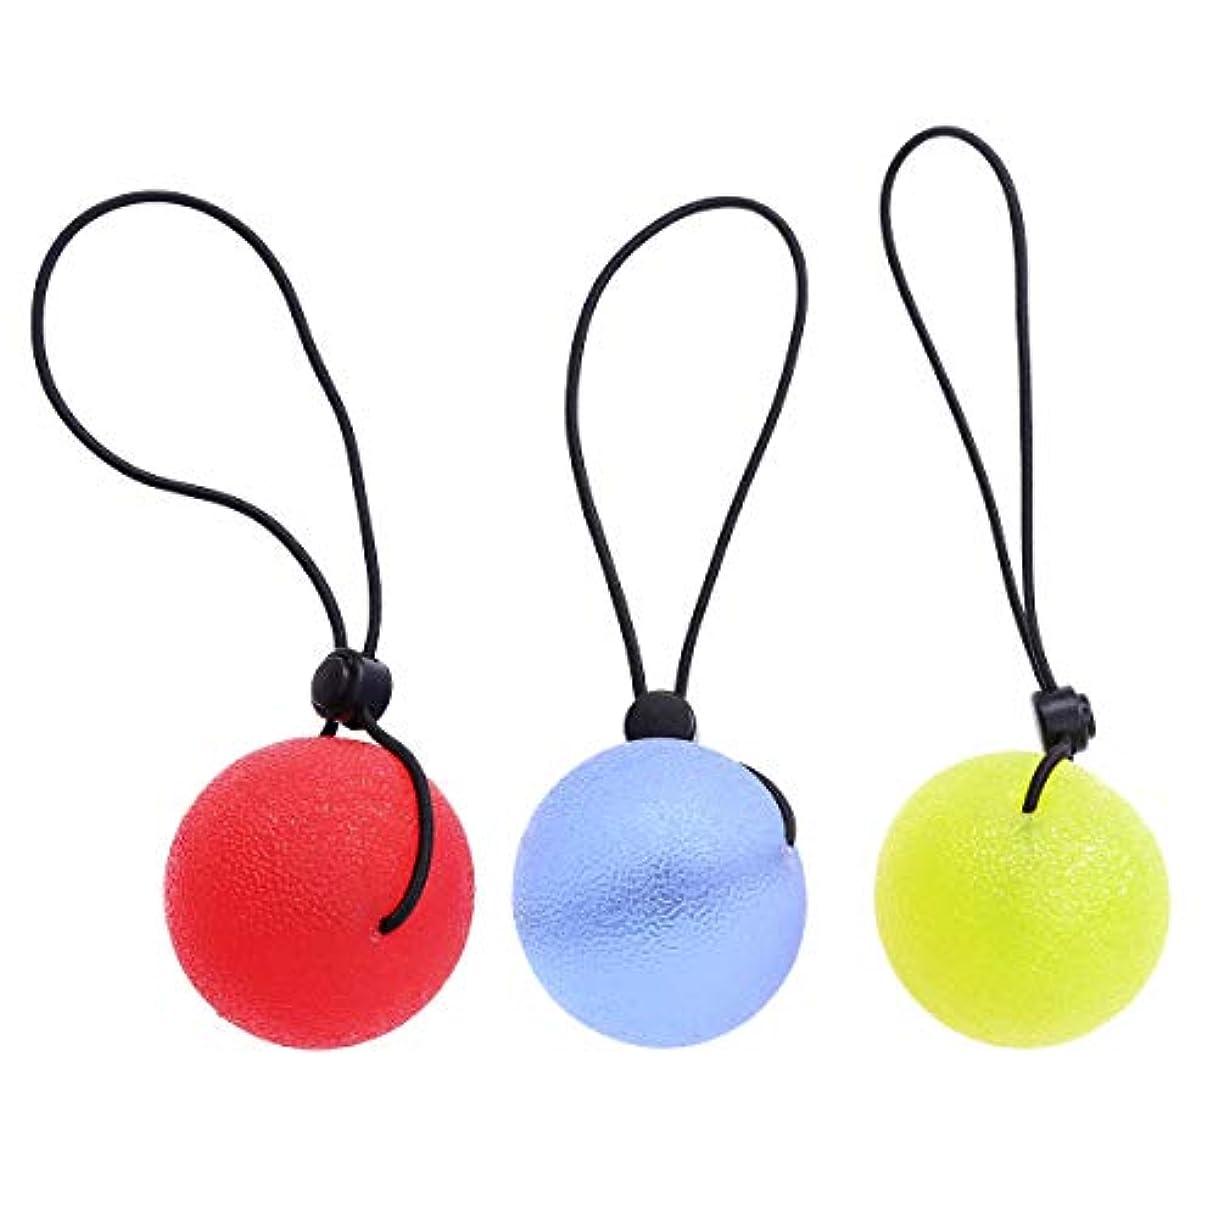 申請中調子フォーカスHEALIFTY ストレスリリーフボール、3本の指グリップボールセラピーエクササイズスクイズ卵ストレスボールストリングフィットネス機器(ランダムカラー)